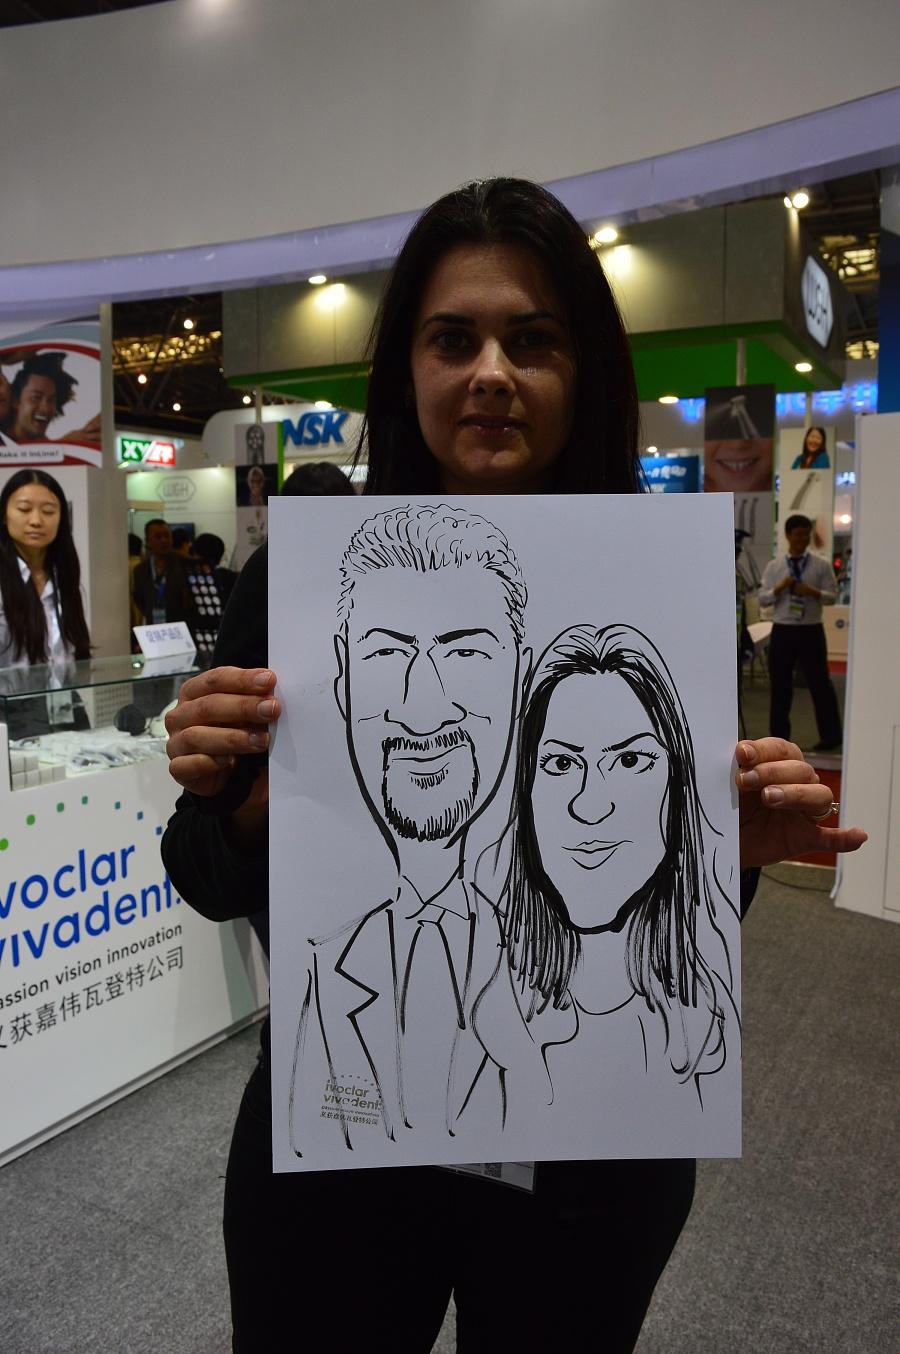 原创作品:现场手绘漫画 肖像漫画速绘卡通表演开业庆典房地产暖场活动